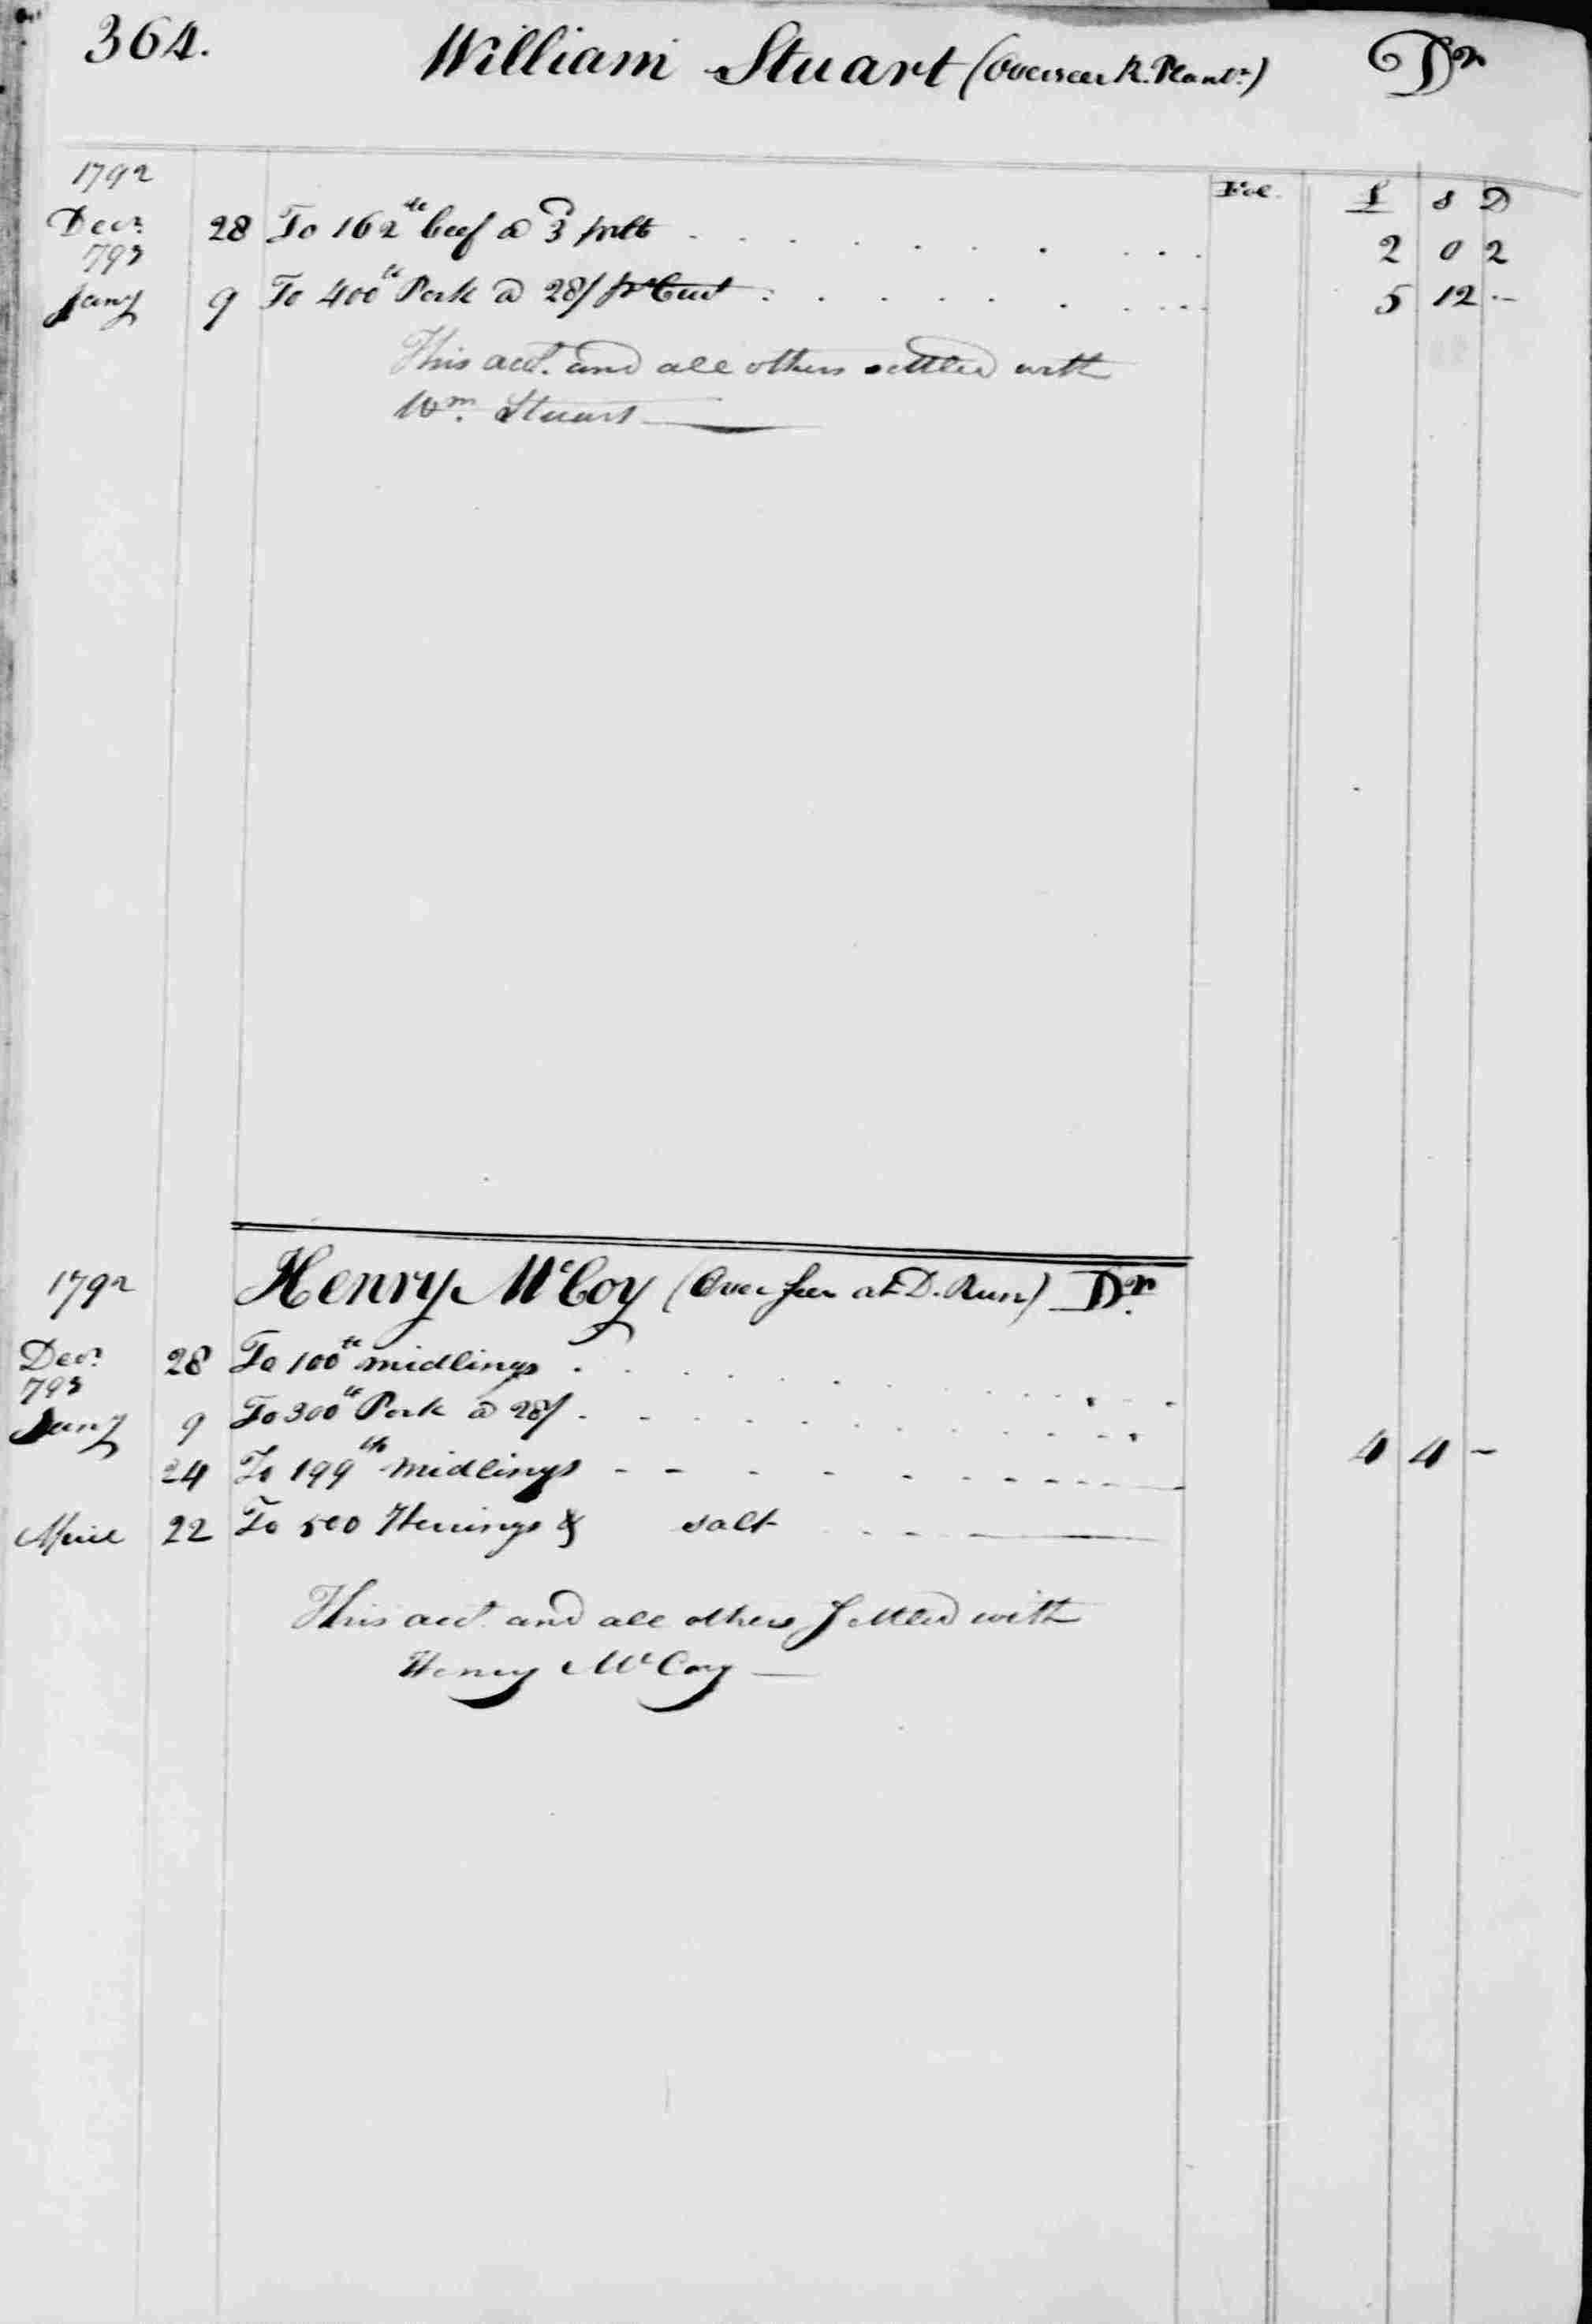 Ledger B, folio 364, left side